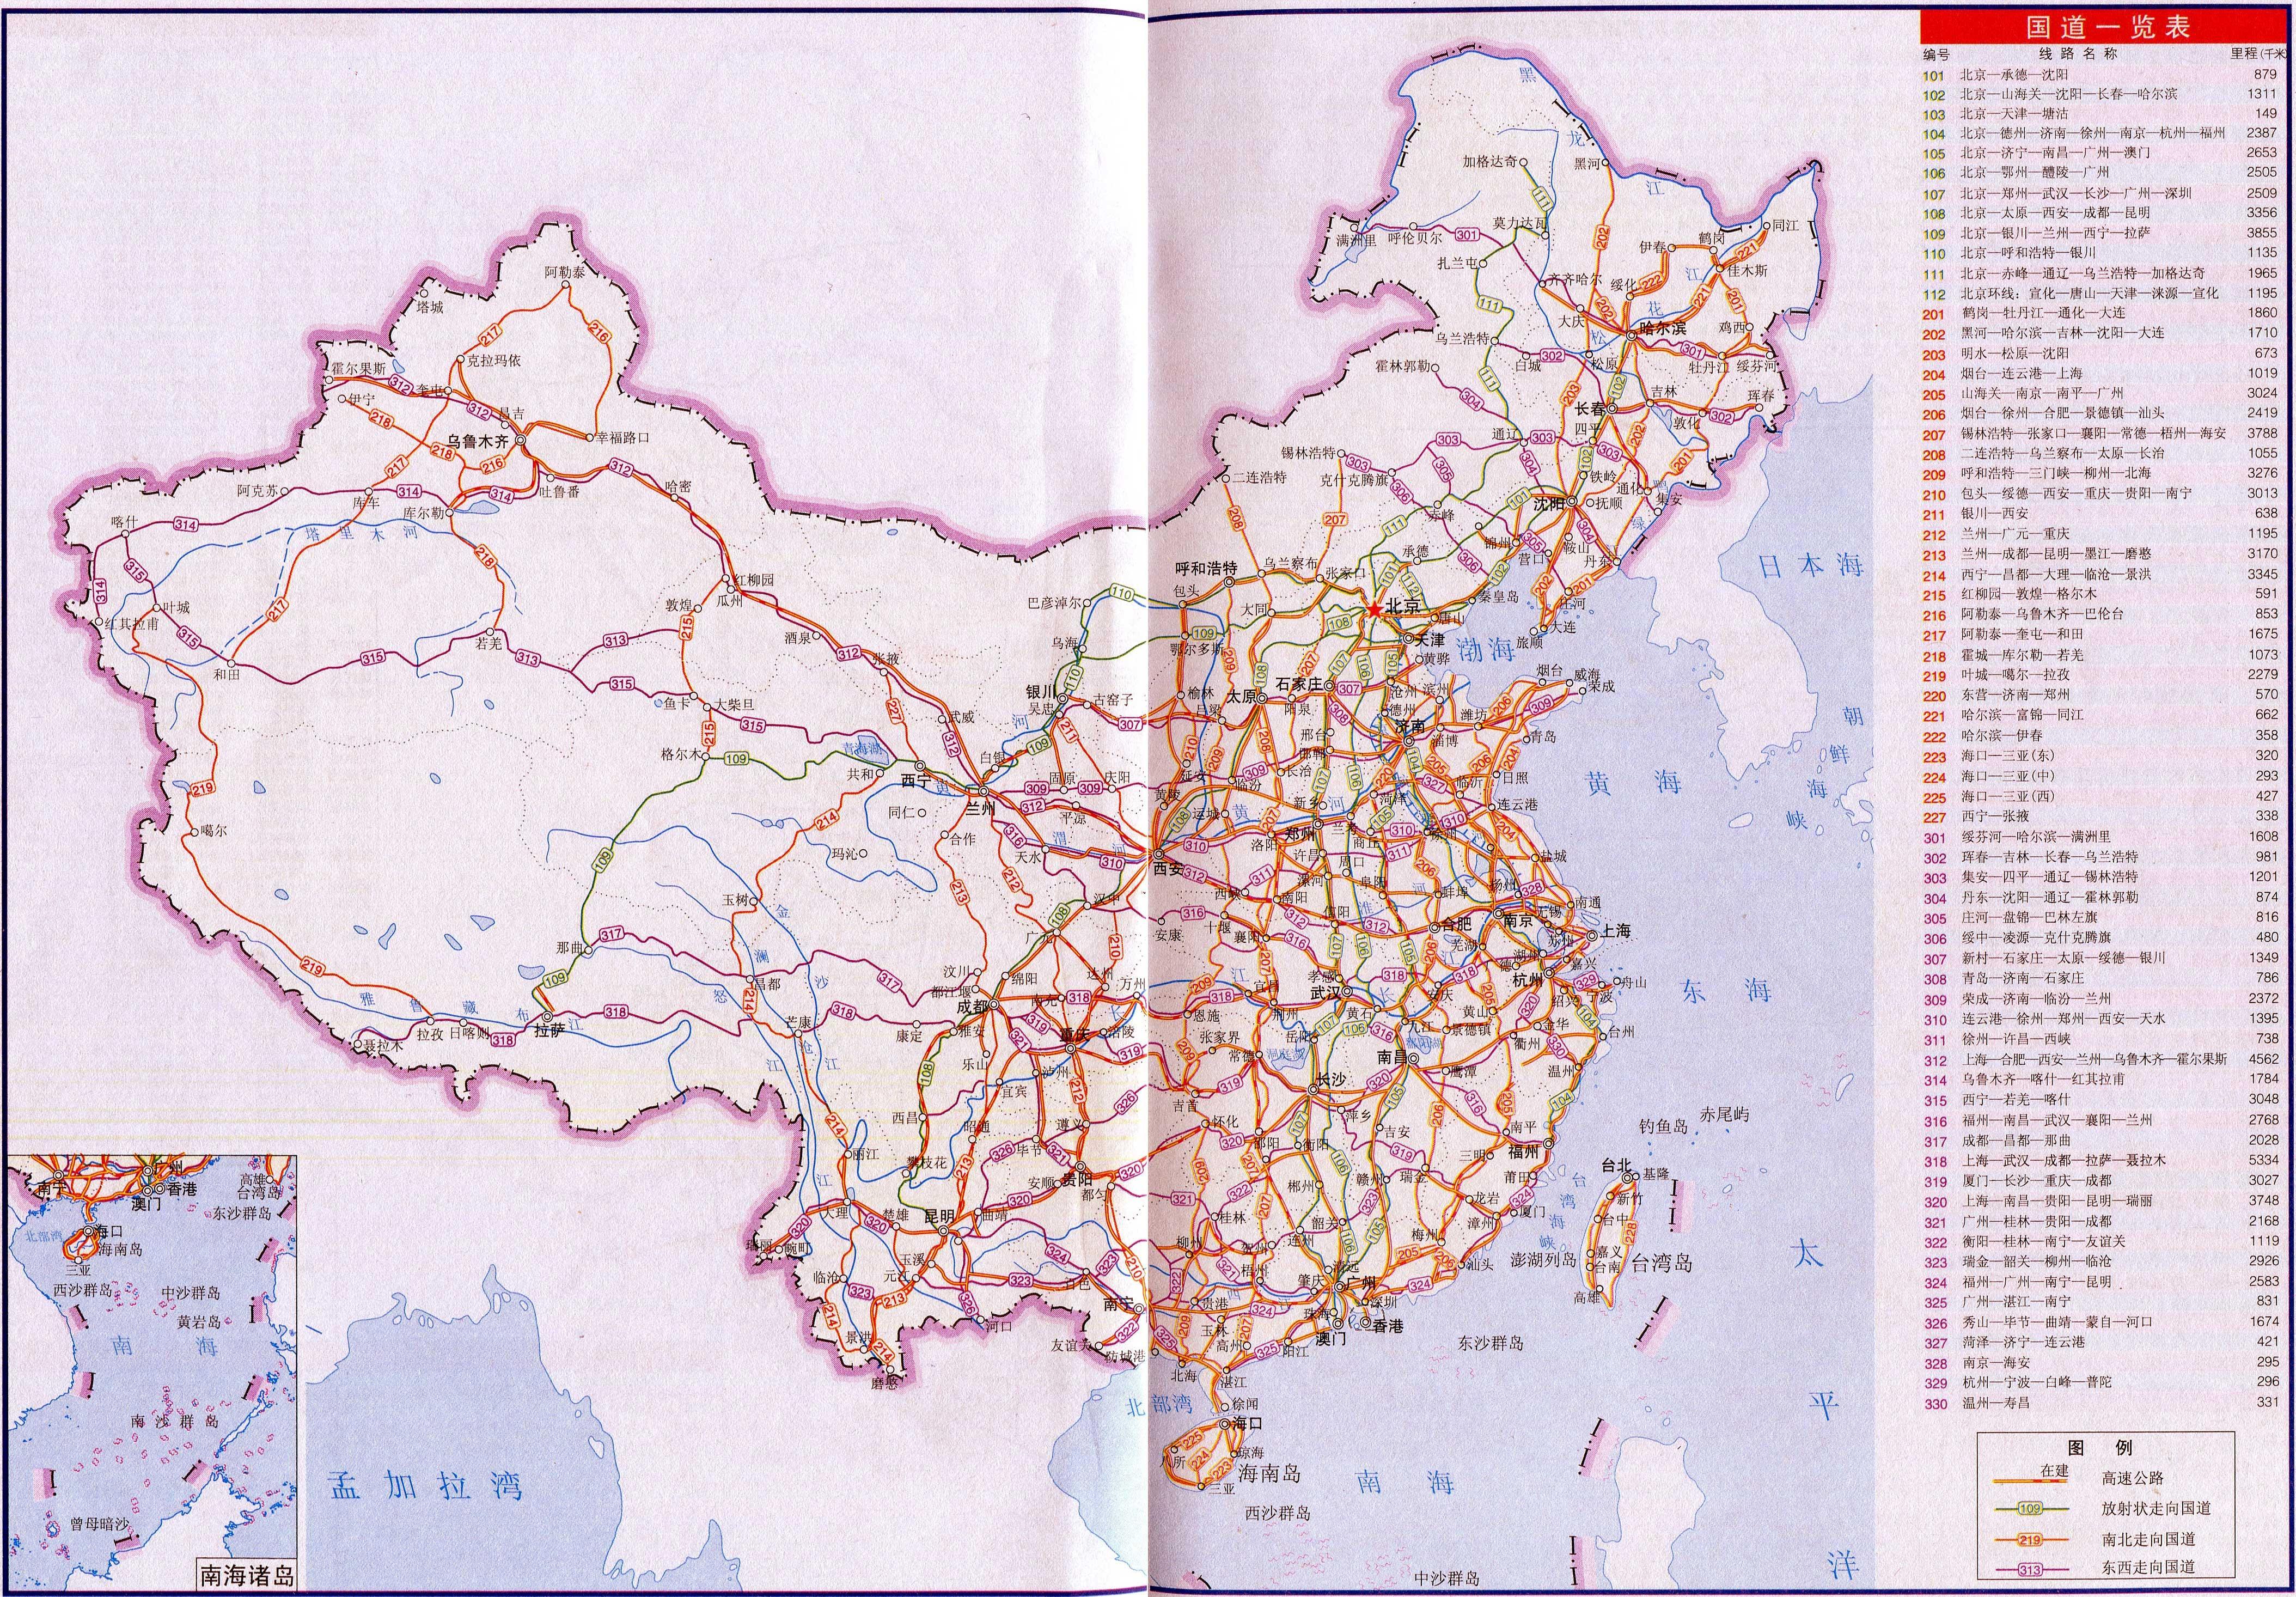 """中,以往在横版中国地图里作为缩略图放在右下角的""""南海诸岛""""插图,此次"""